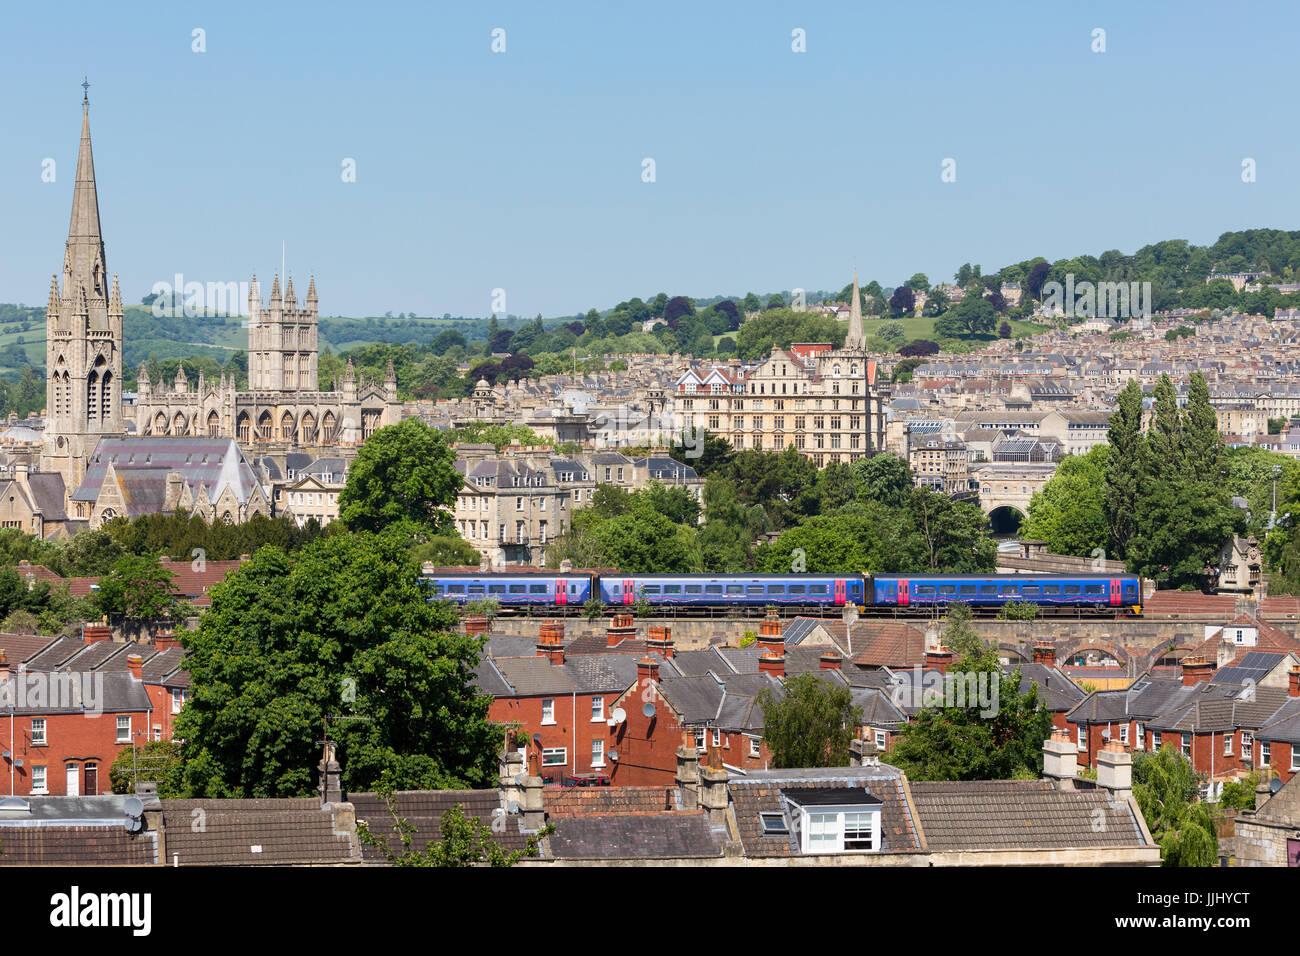 BATH, Großbritannien - 26. Mai 2017: totale der Stadt Bath mit einem großen Western-Zug durch die Unterseite Stockbild